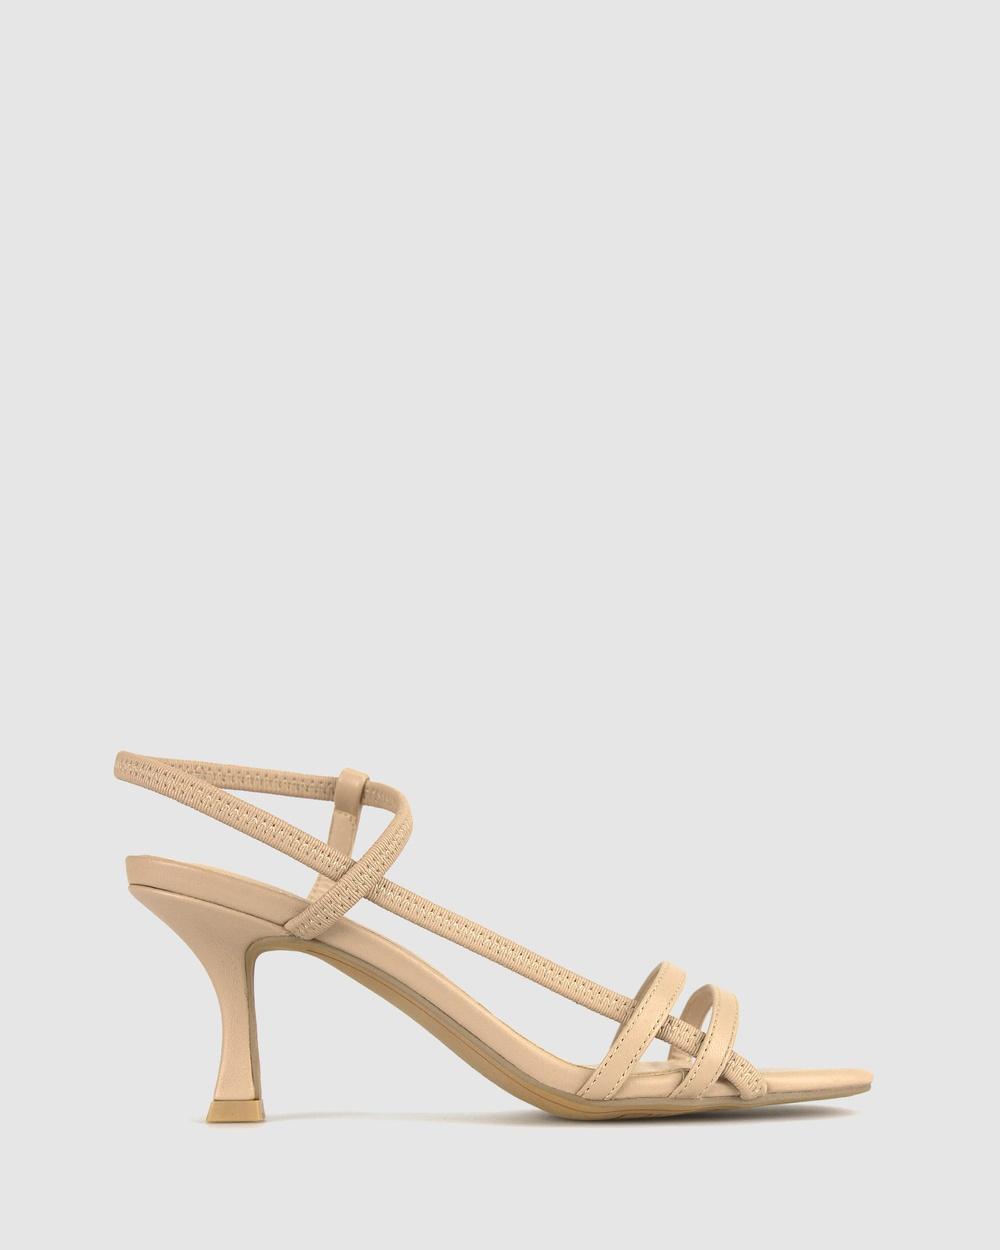 Betts Linear Bare Stiletto Sandals Nude Australia